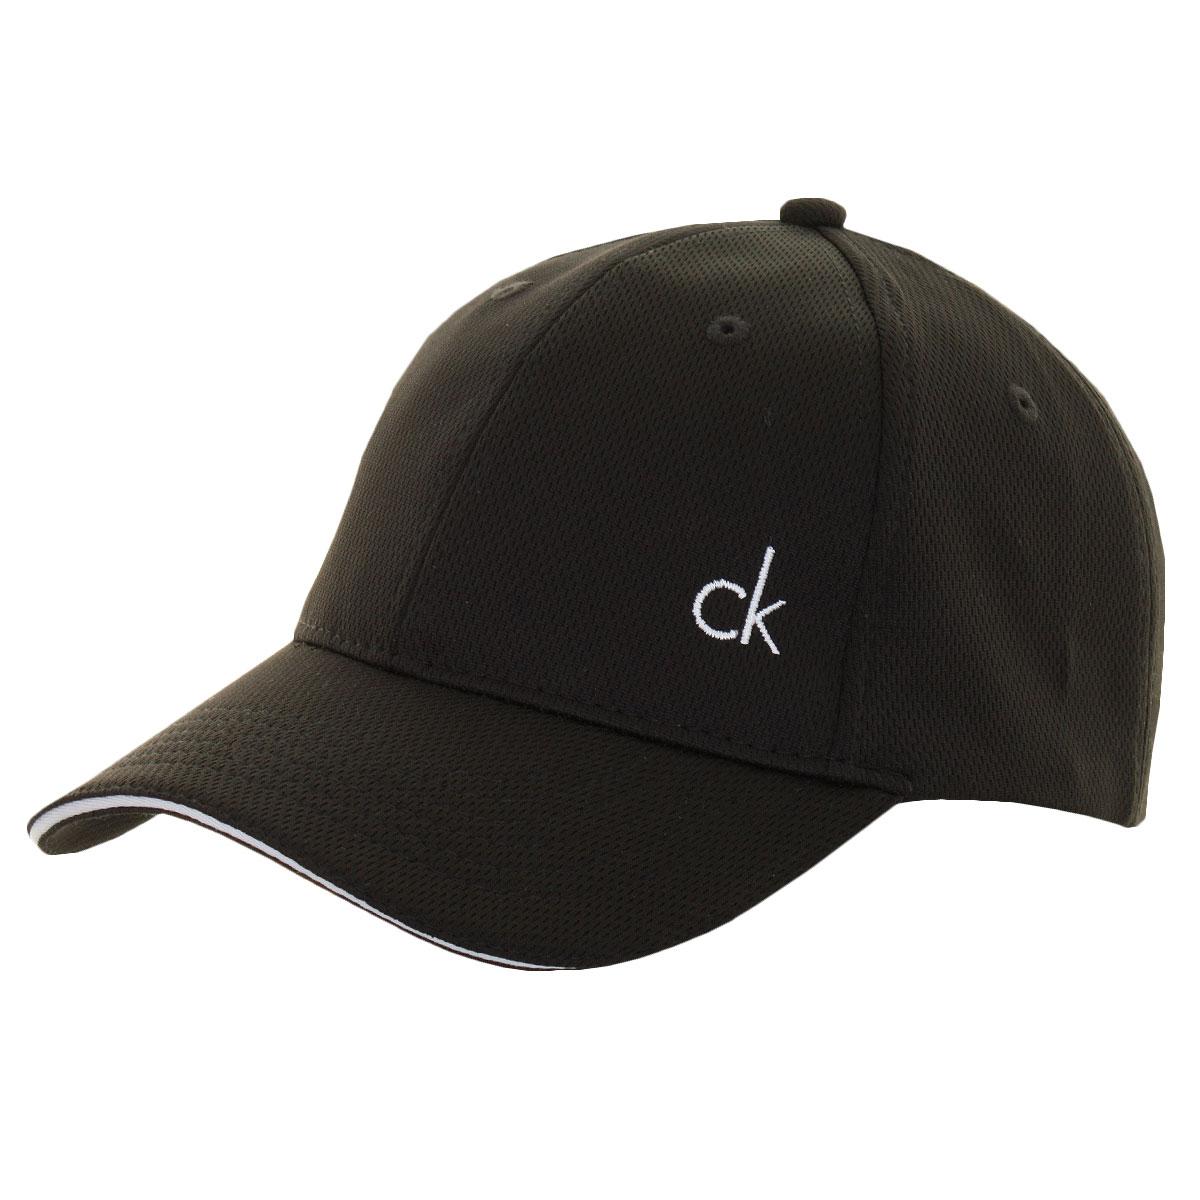 Calvin Klein Golf Mens CK Airtex Adjustable Mesh Baseball Cap 40 ... 4ae7fc0eee5